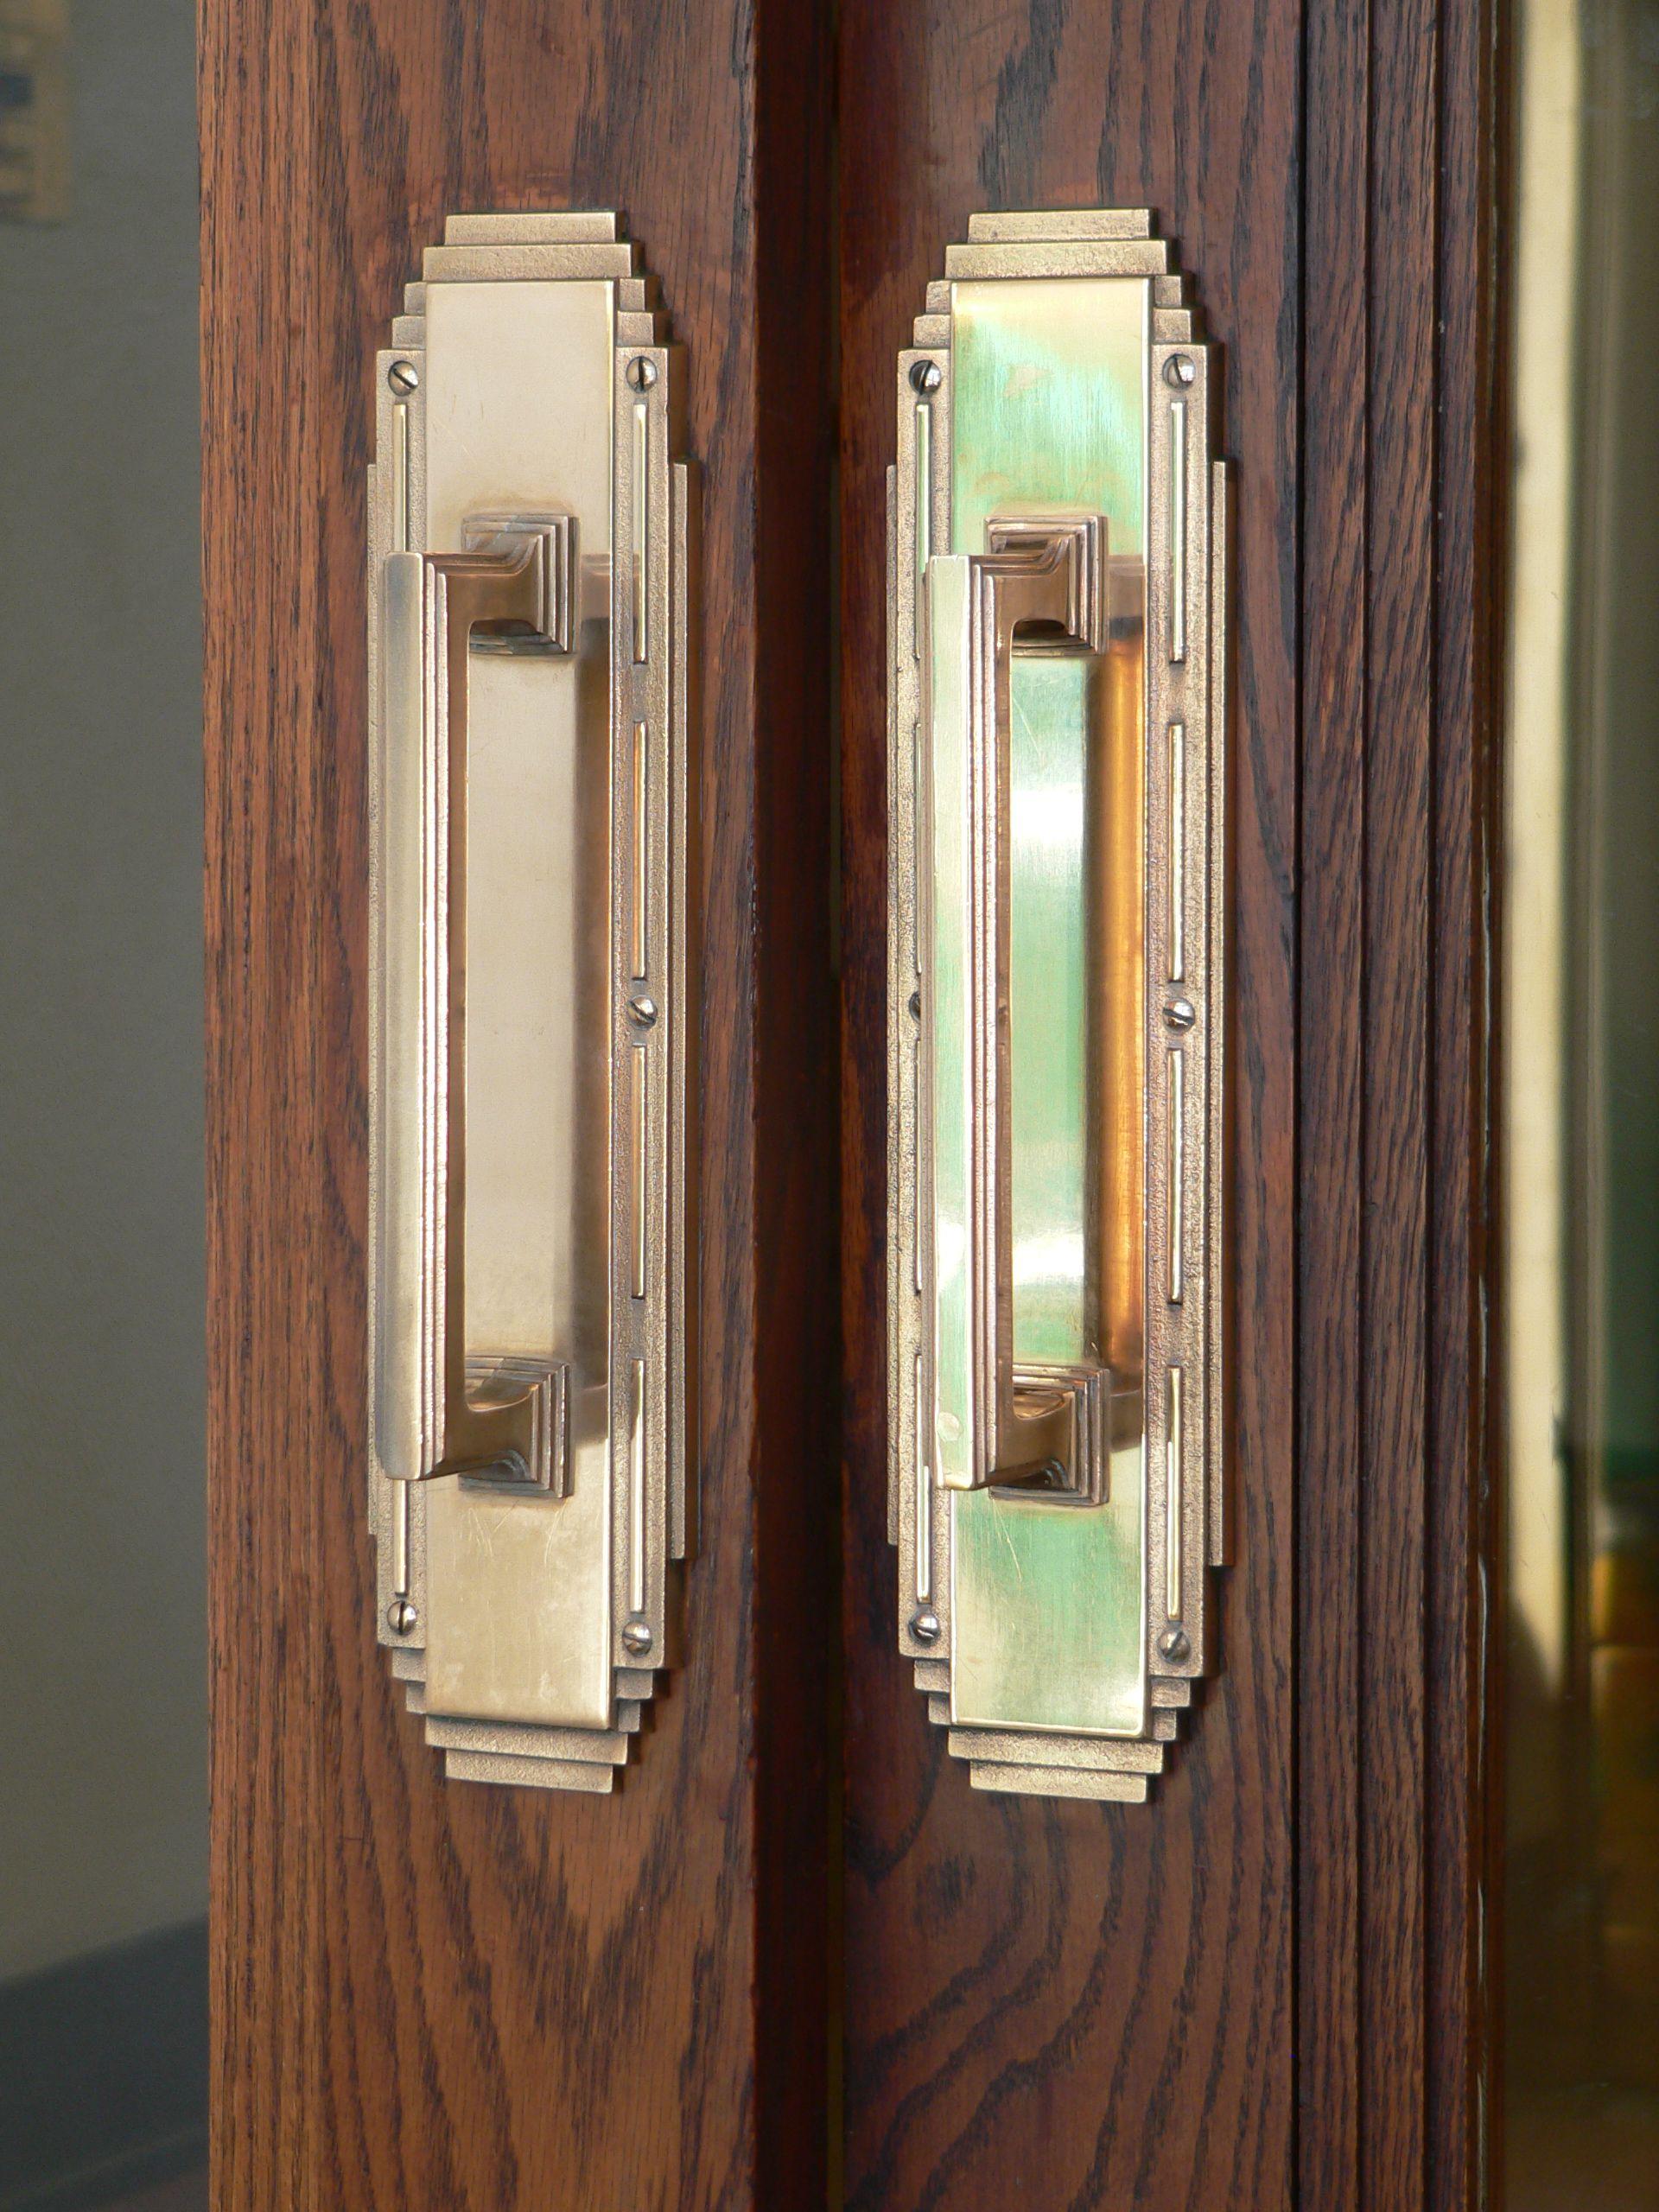 Art Deco Door Hardware Description Holdrege Nebraska City Office Handles Jpg